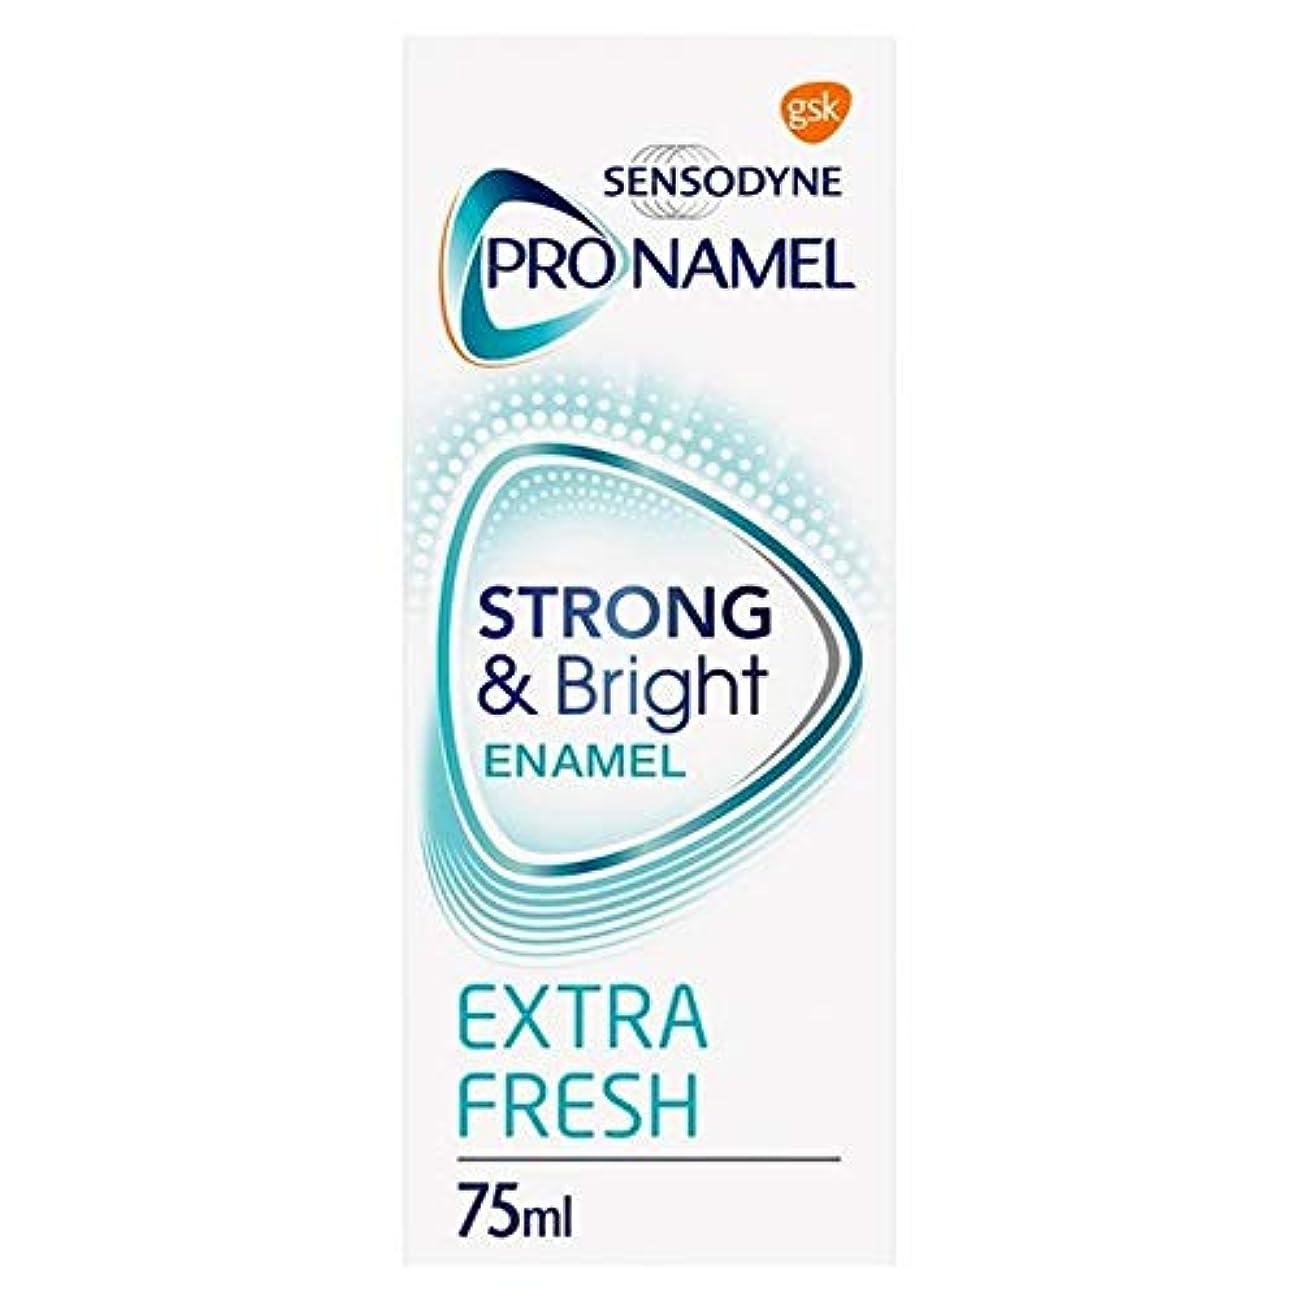 フルートベース枠[Sensodyne] SensodyneのPronamel強い&ブライト歯磨き粉75ミリリットル - Sensodyne Pronamel Strong & Bright Toothpaste 75ml [並行輸入品]